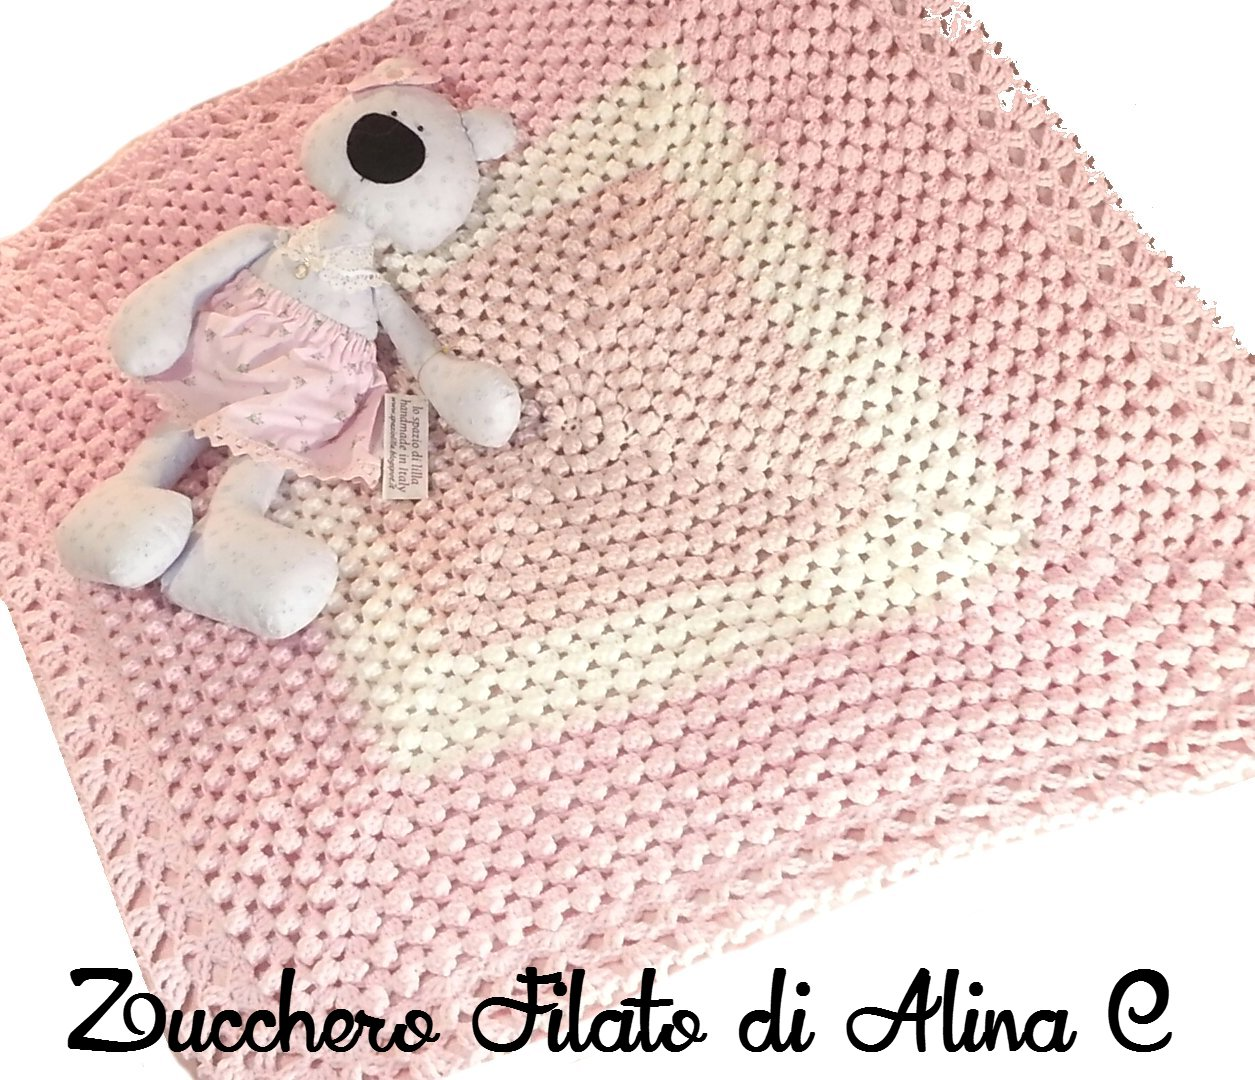 Sweet Dreams Baby Blanket This Crochet Pattern Tutorial Is